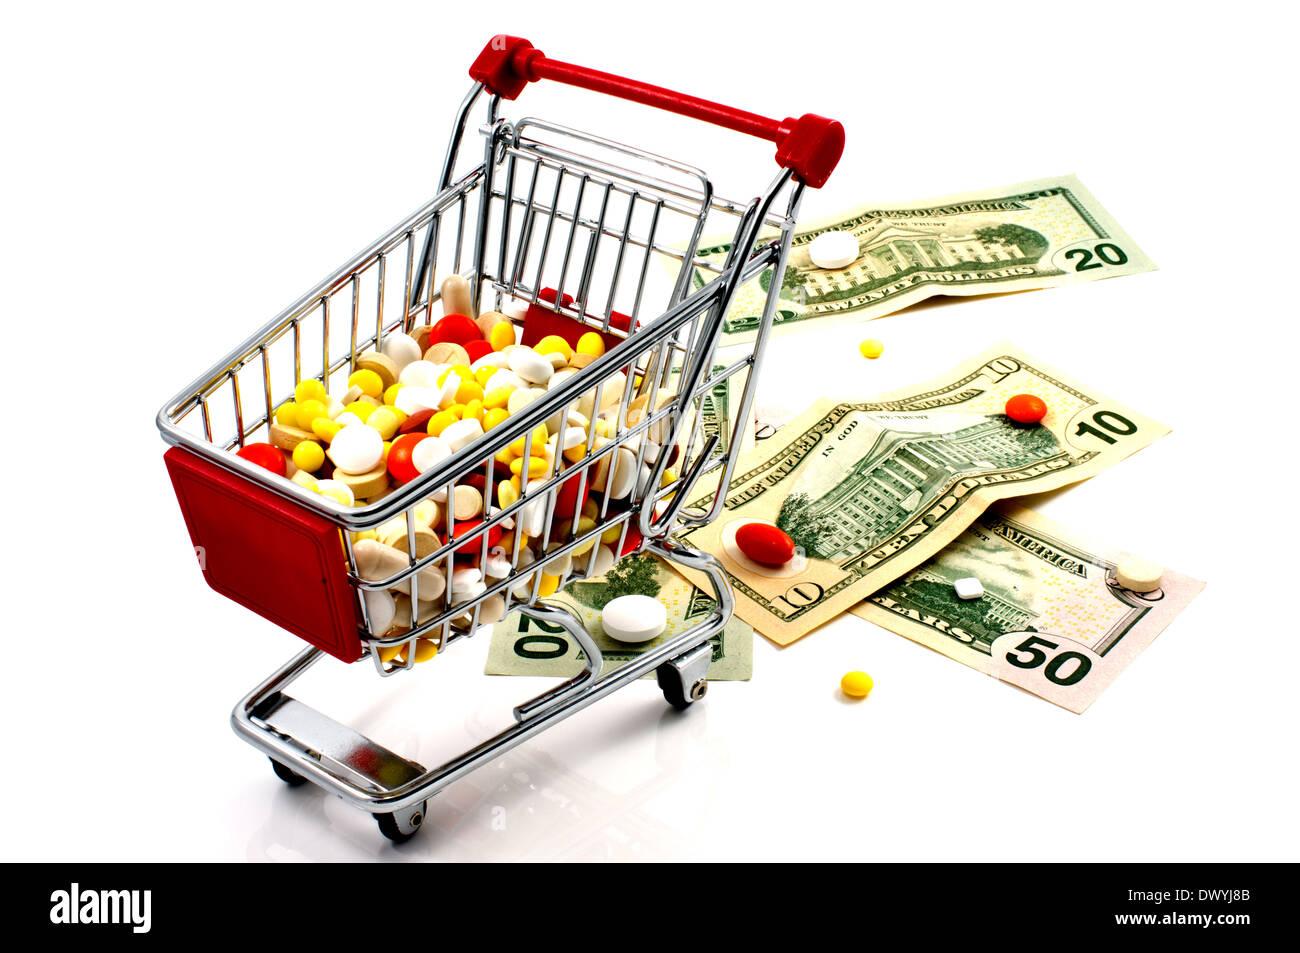 Drogas en las compras sobre un fondo blanco. Dinero y pastillas cerca. Foto de stock